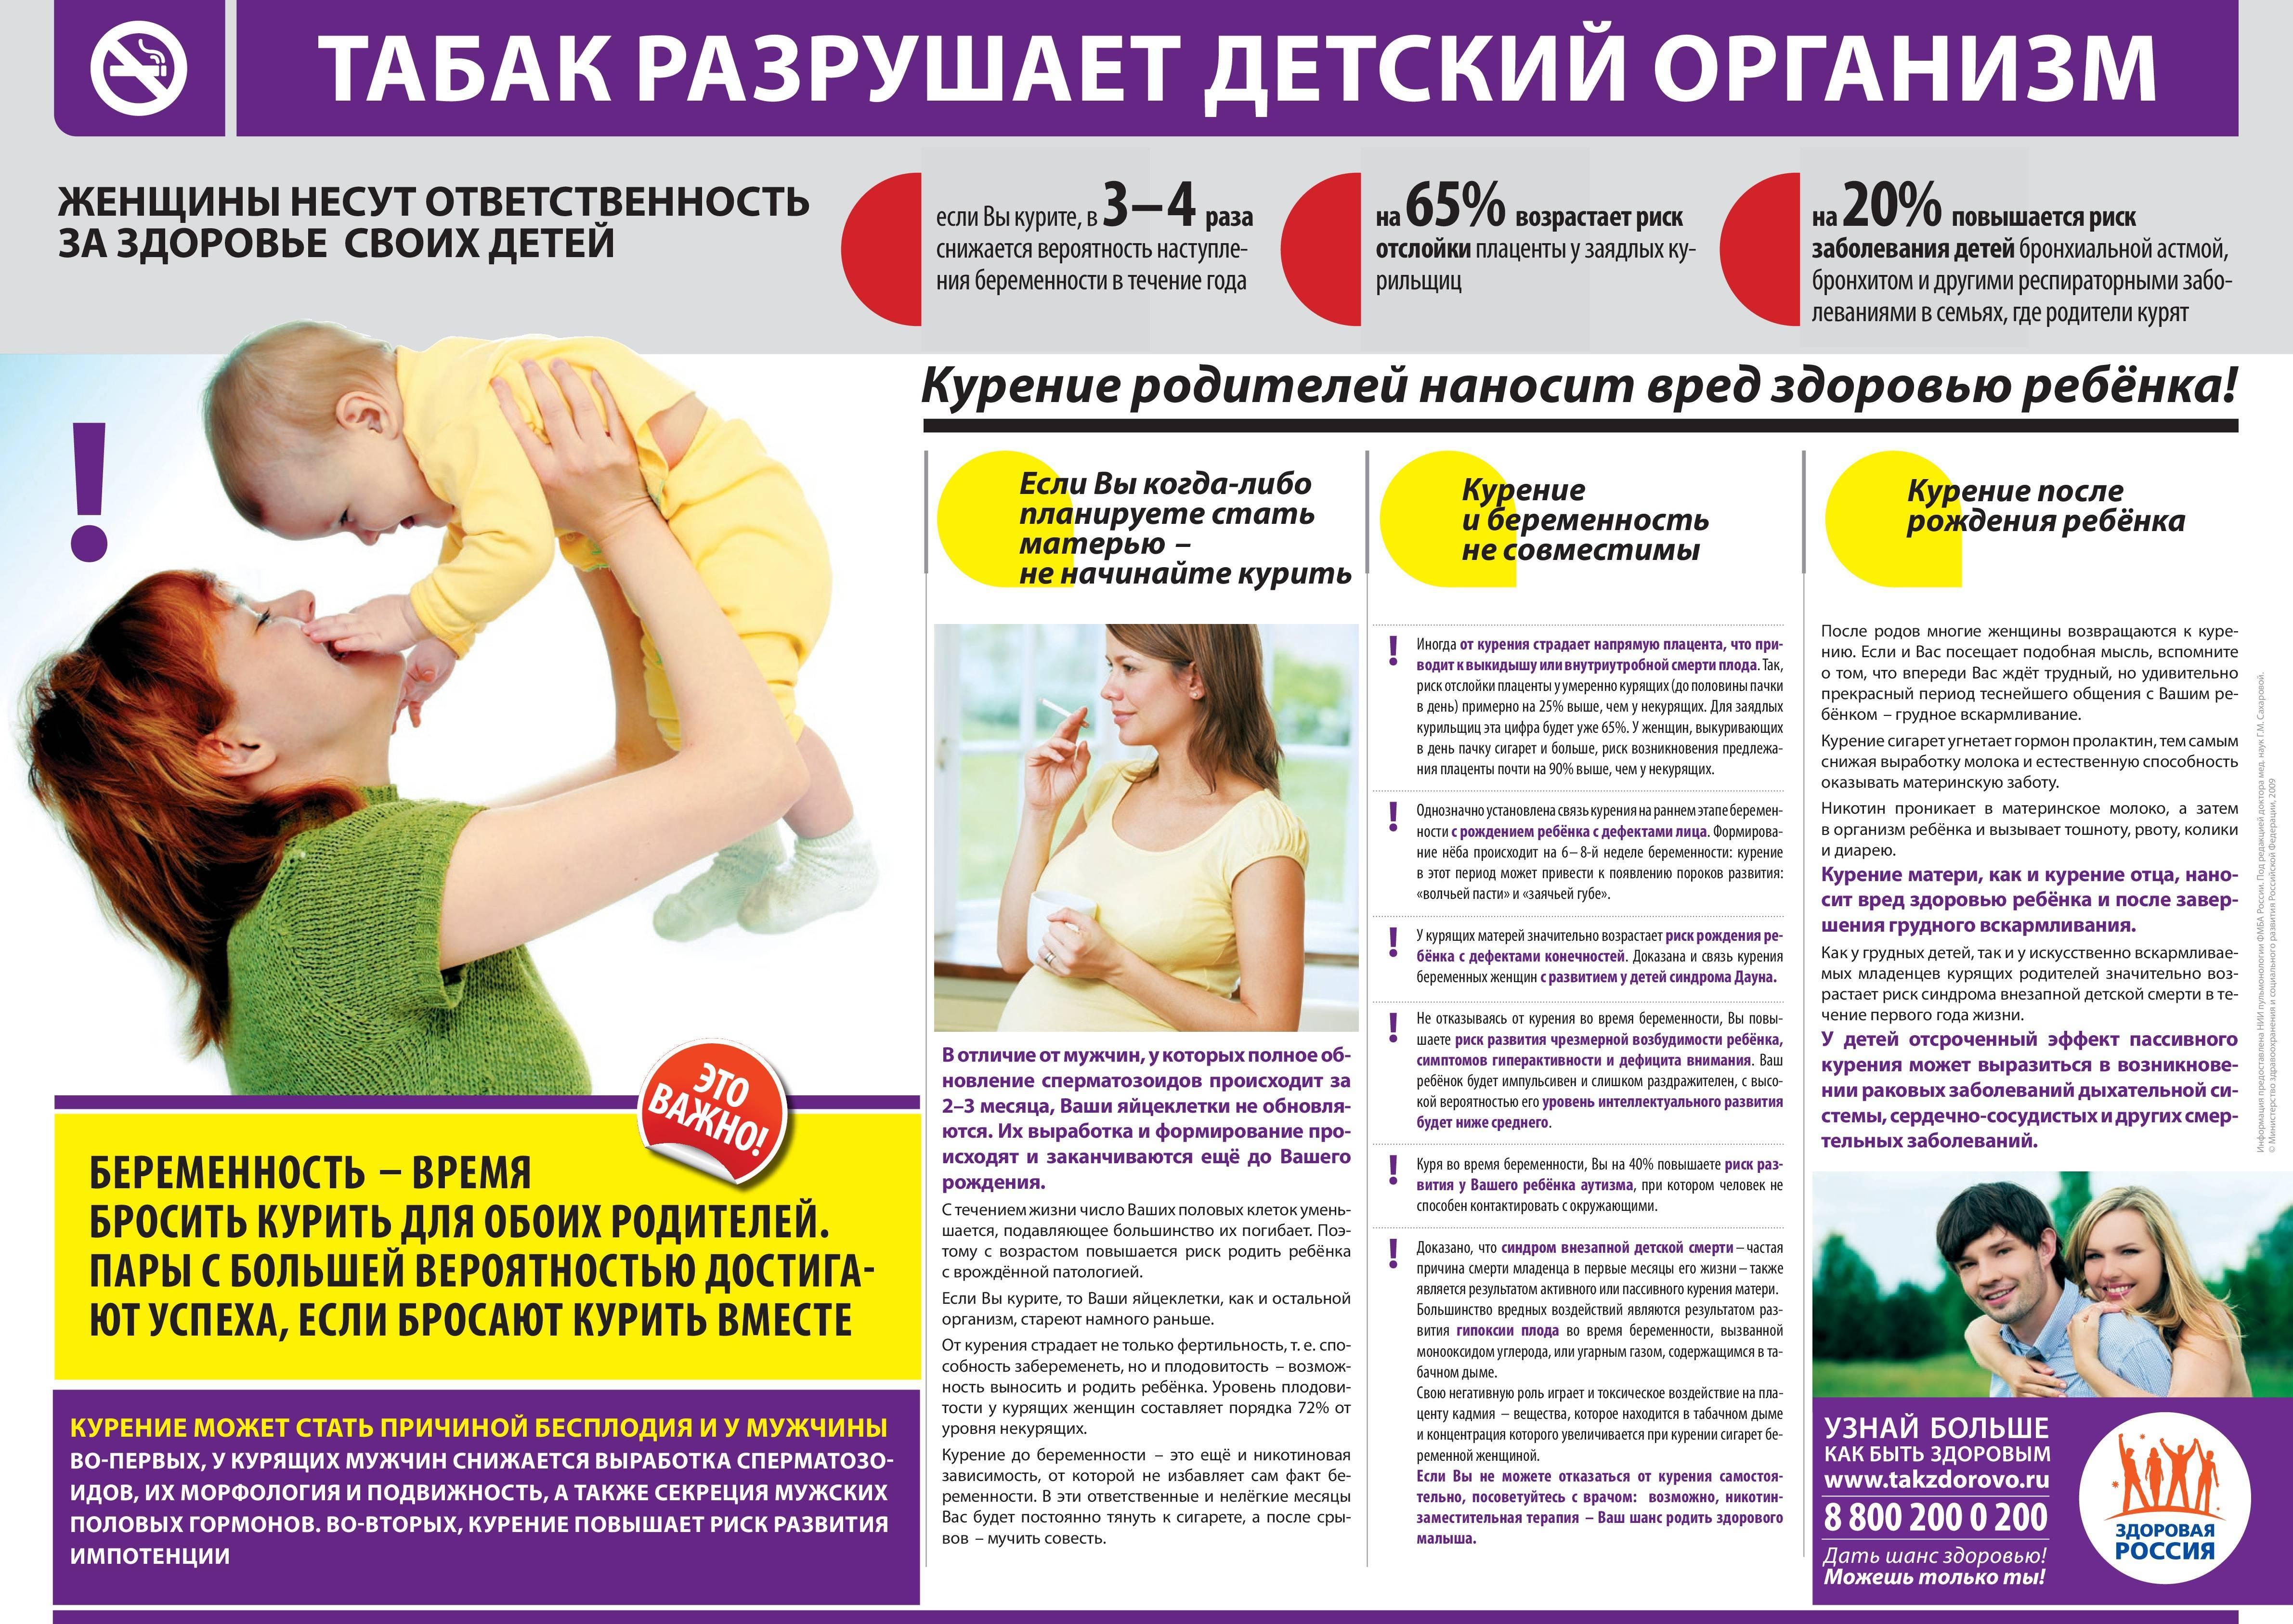 Курение и кормление грудью - последствия курения при грудном вскармливании